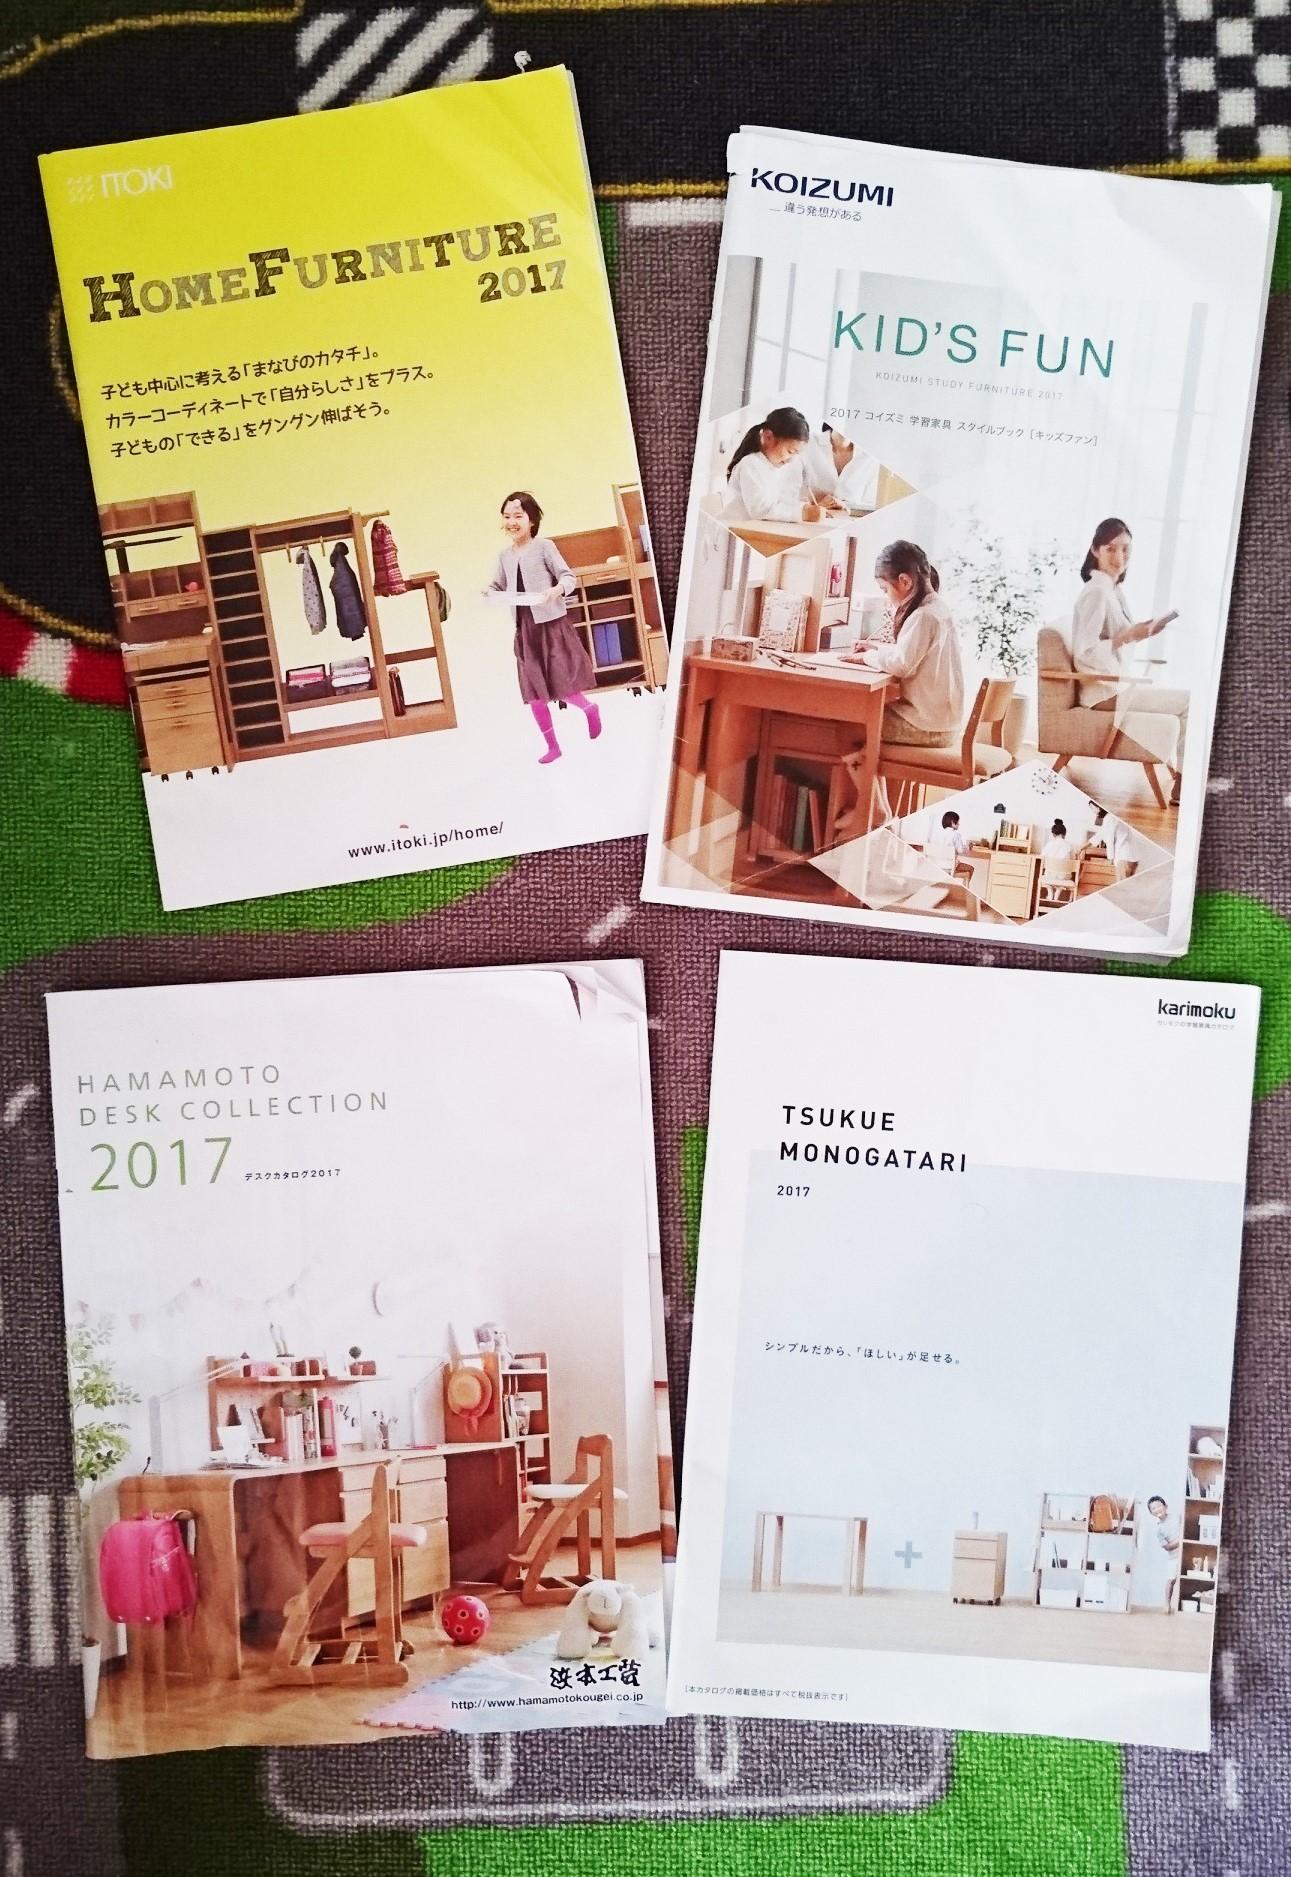 9月頃から各社の2017年度版 学習机カタログが出ています!浜本工芸・カリモク・イトーキ・コイズミが人気メーカーだそう。